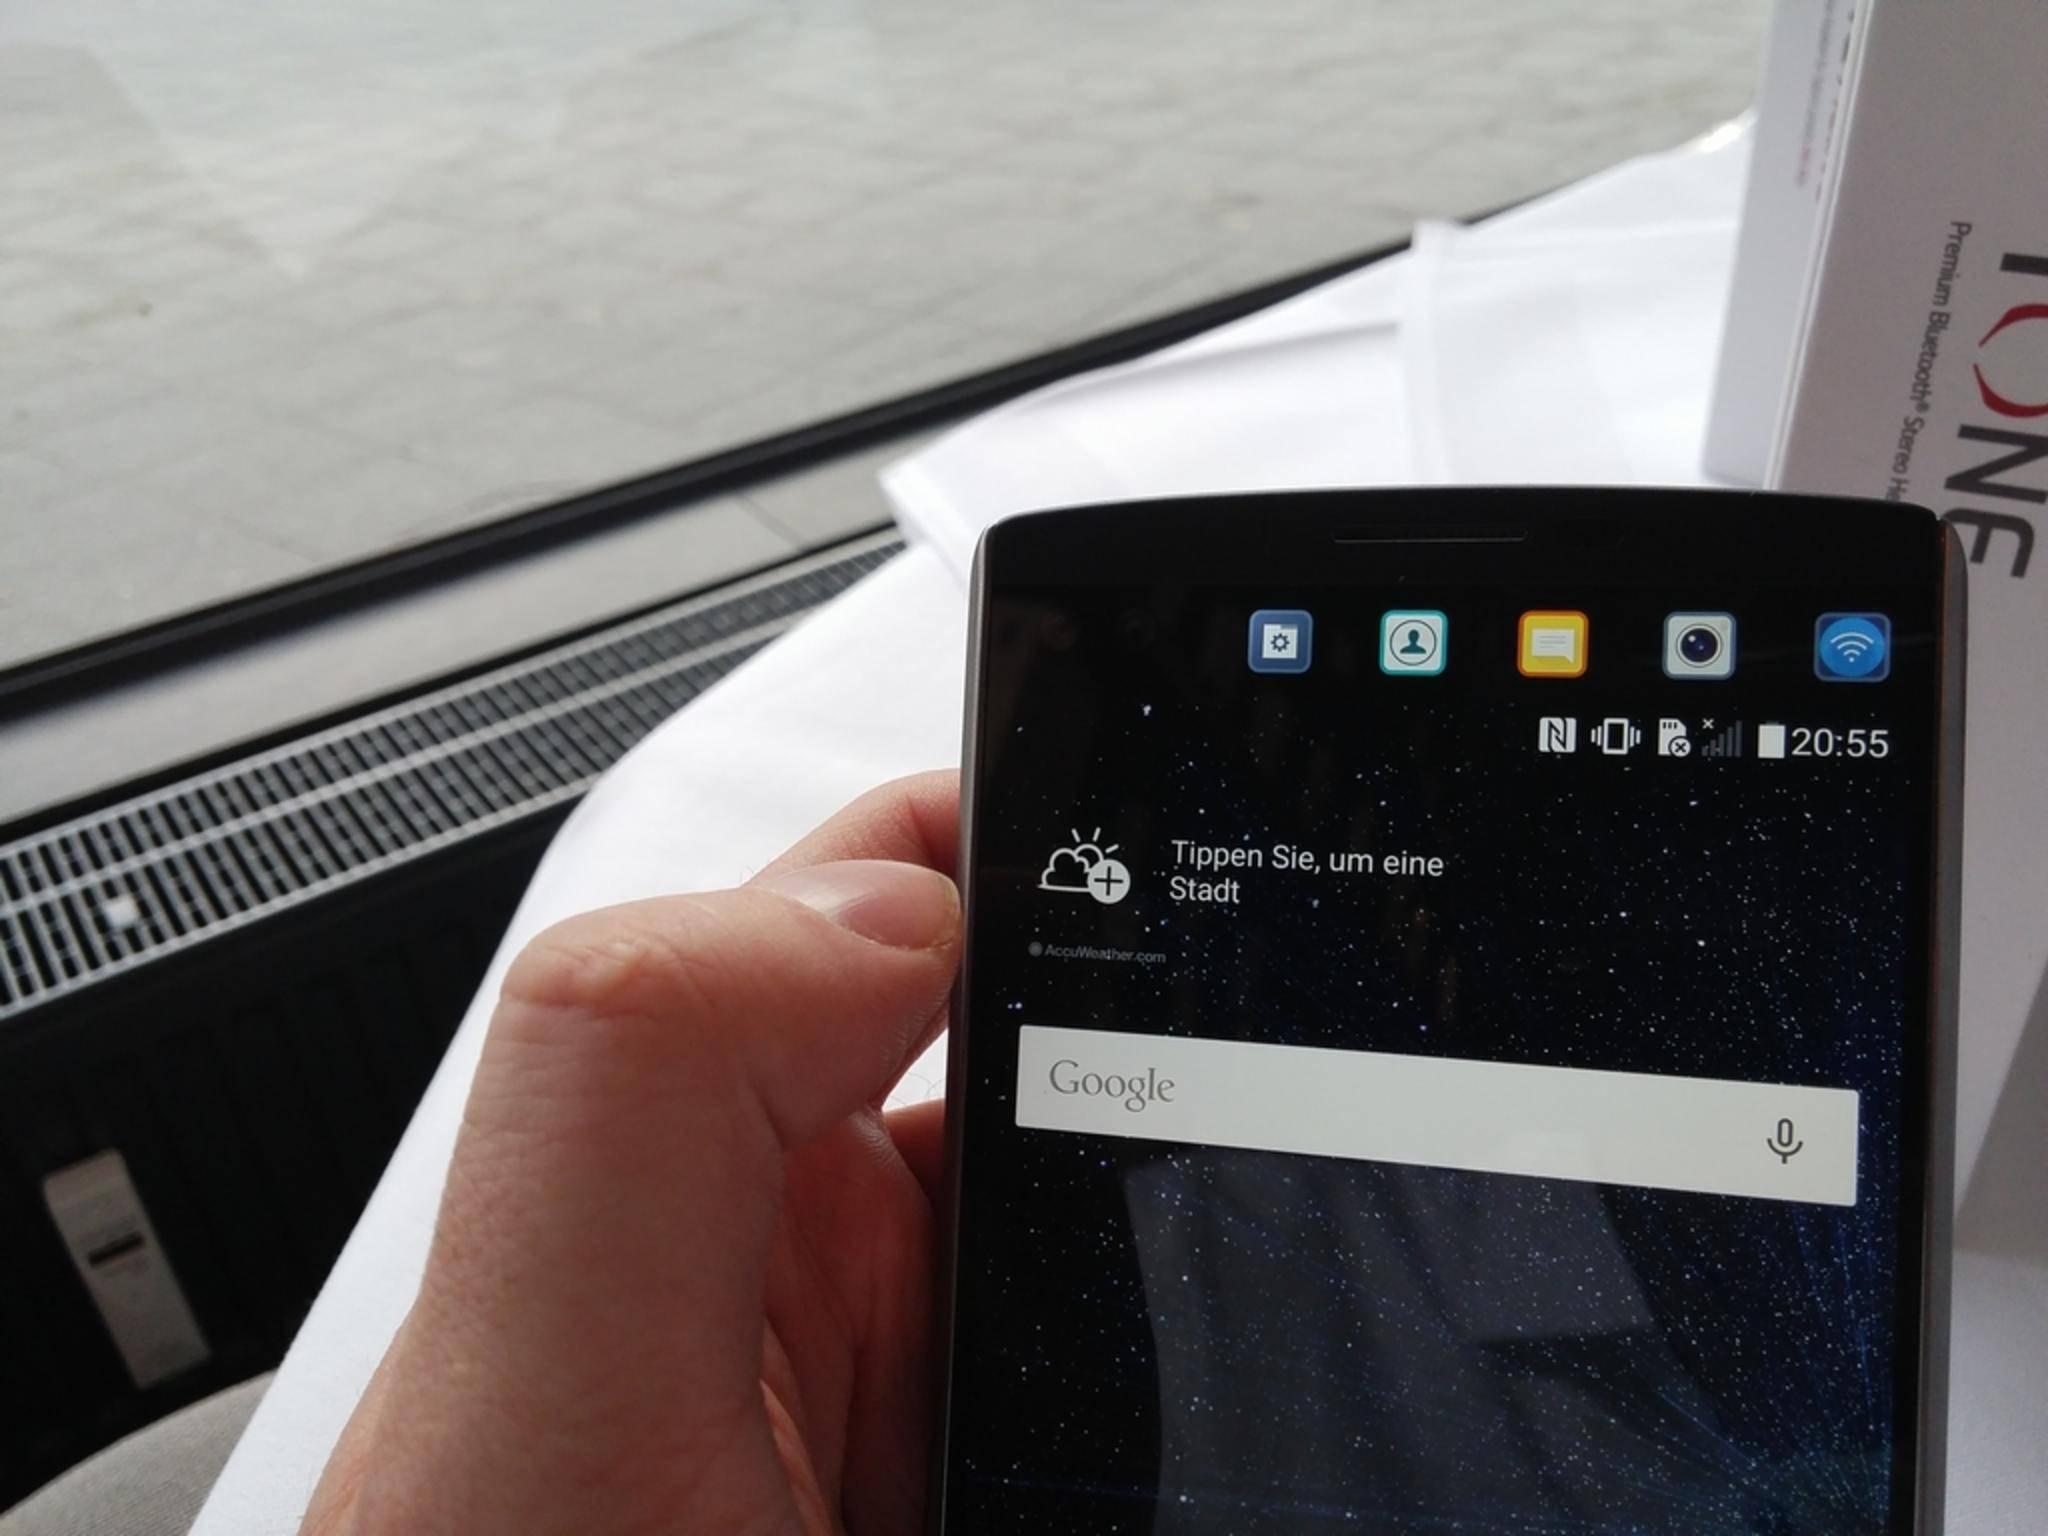 Der zweite Bildschirm befindet sich über dem Hauptscreen.